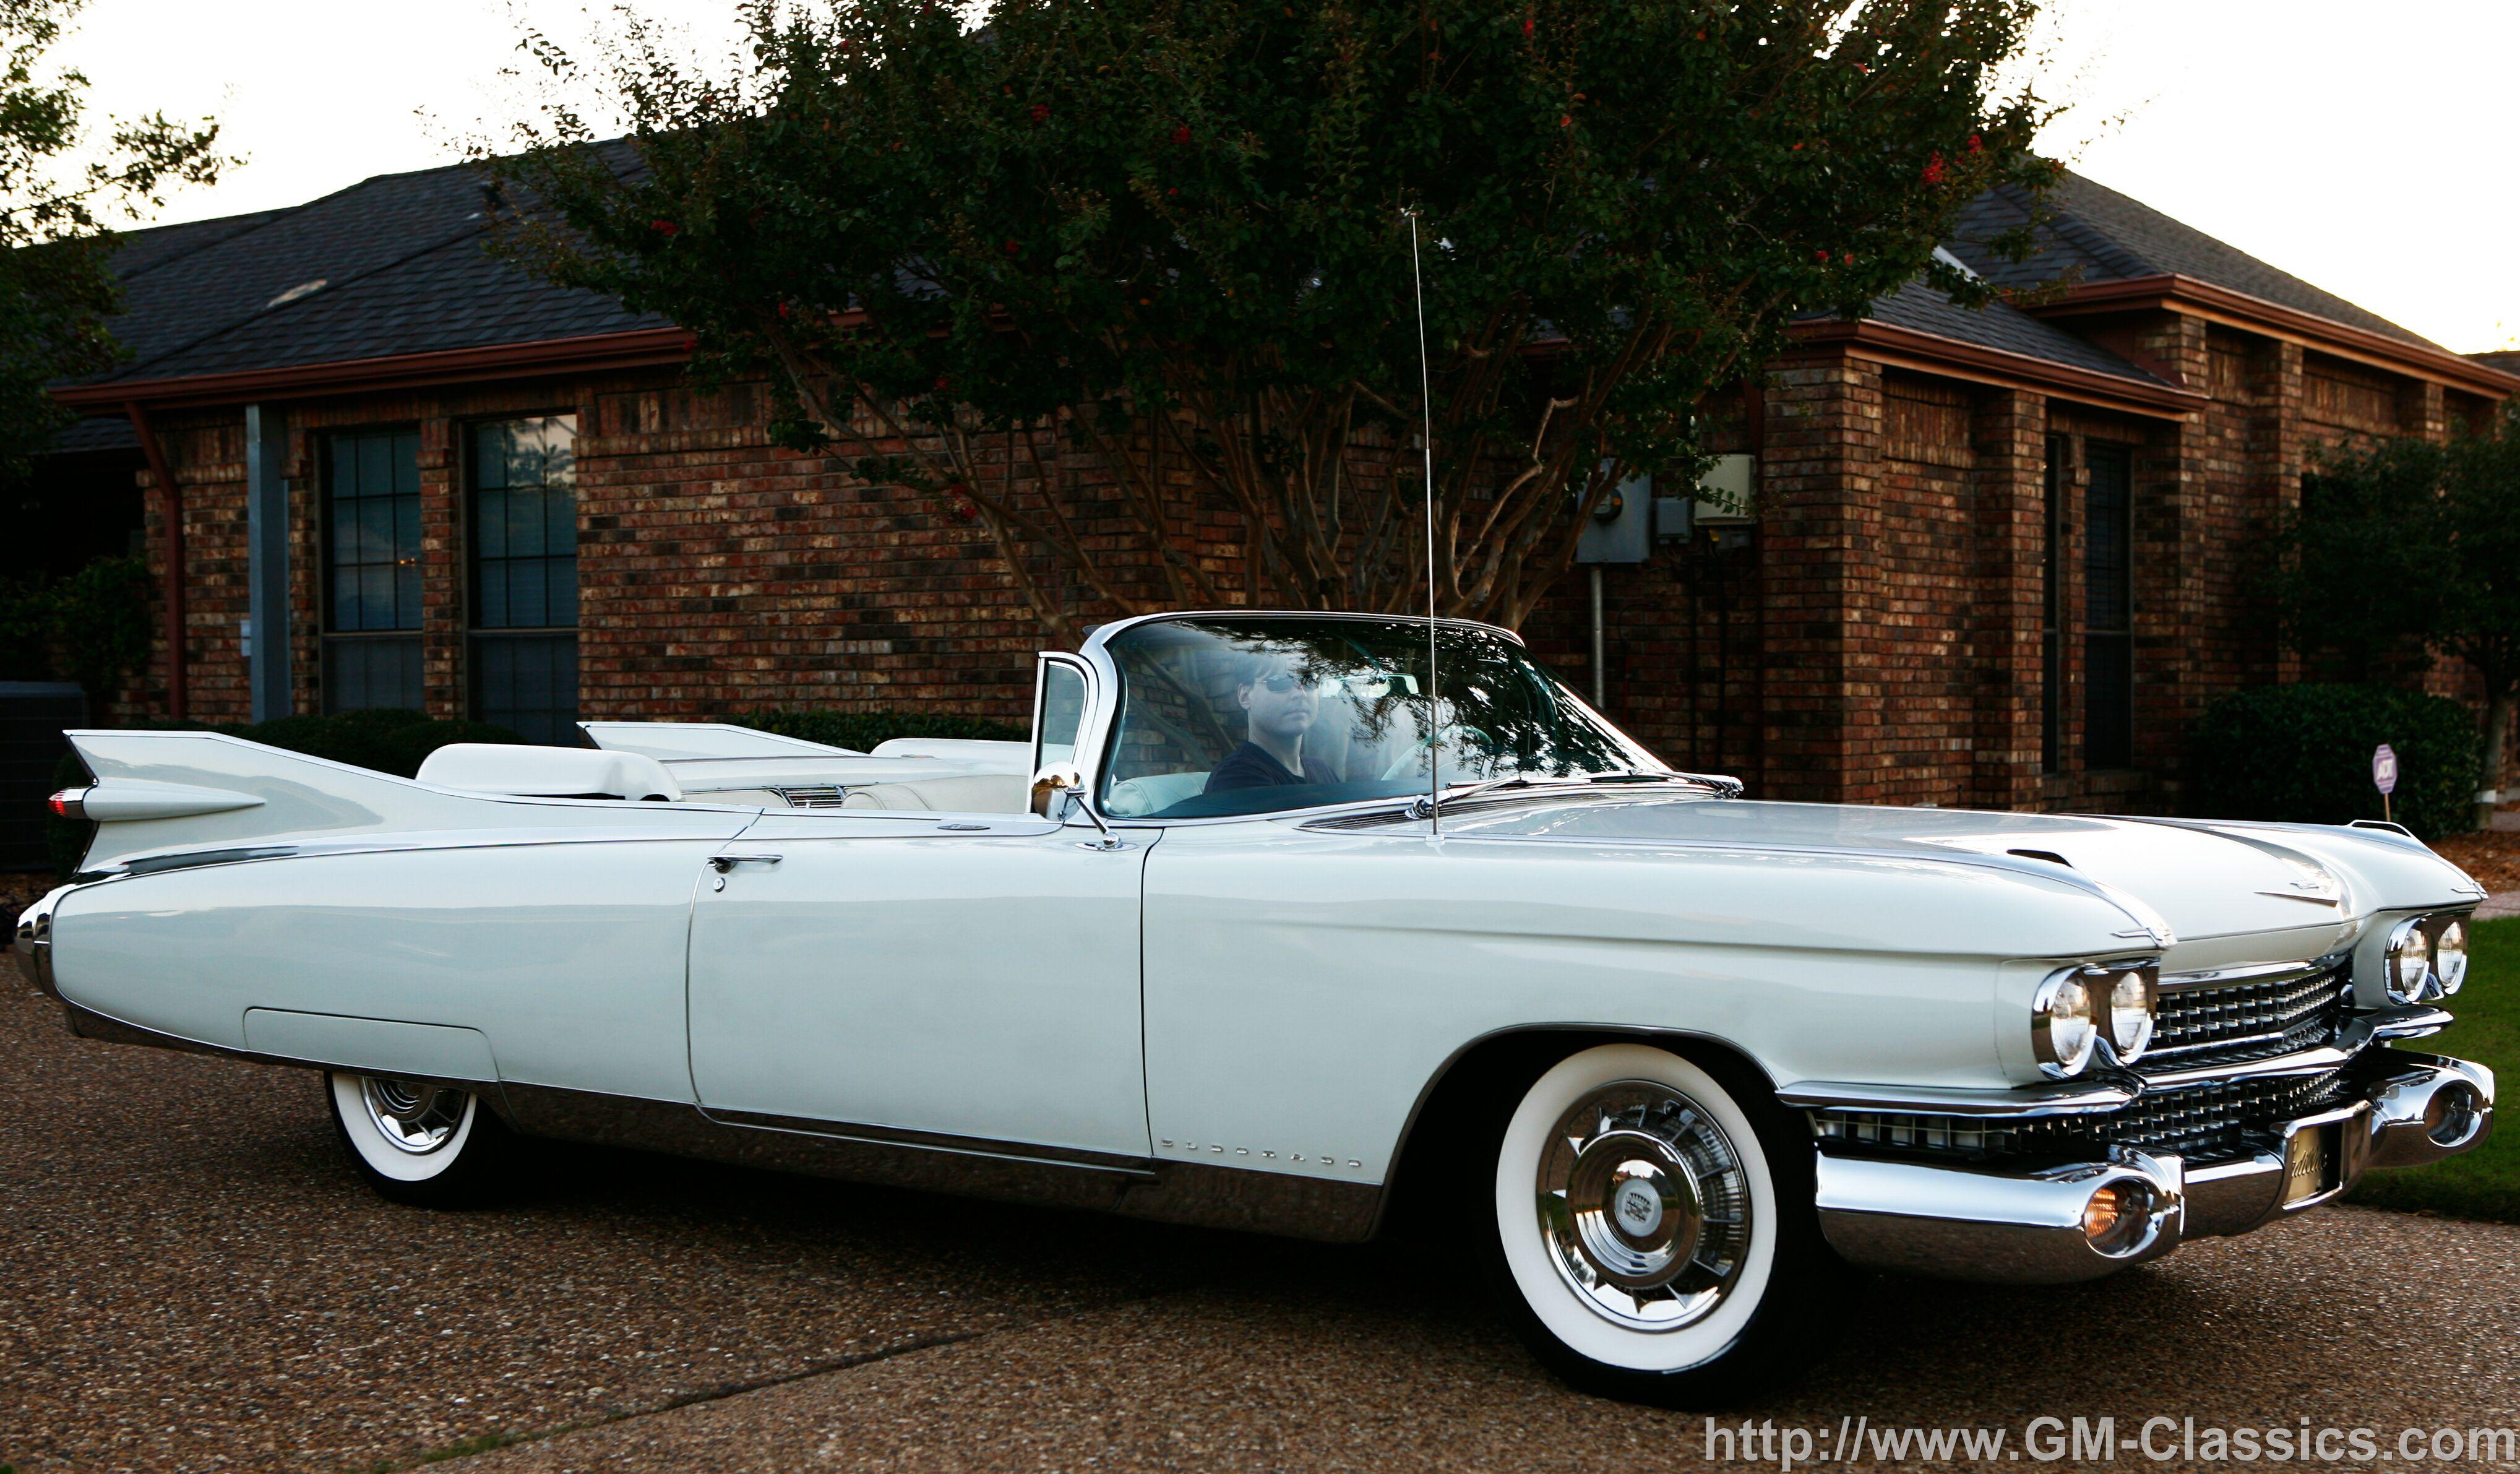 1959 Cadillac Eldorado Biarritz - Matt Garrett